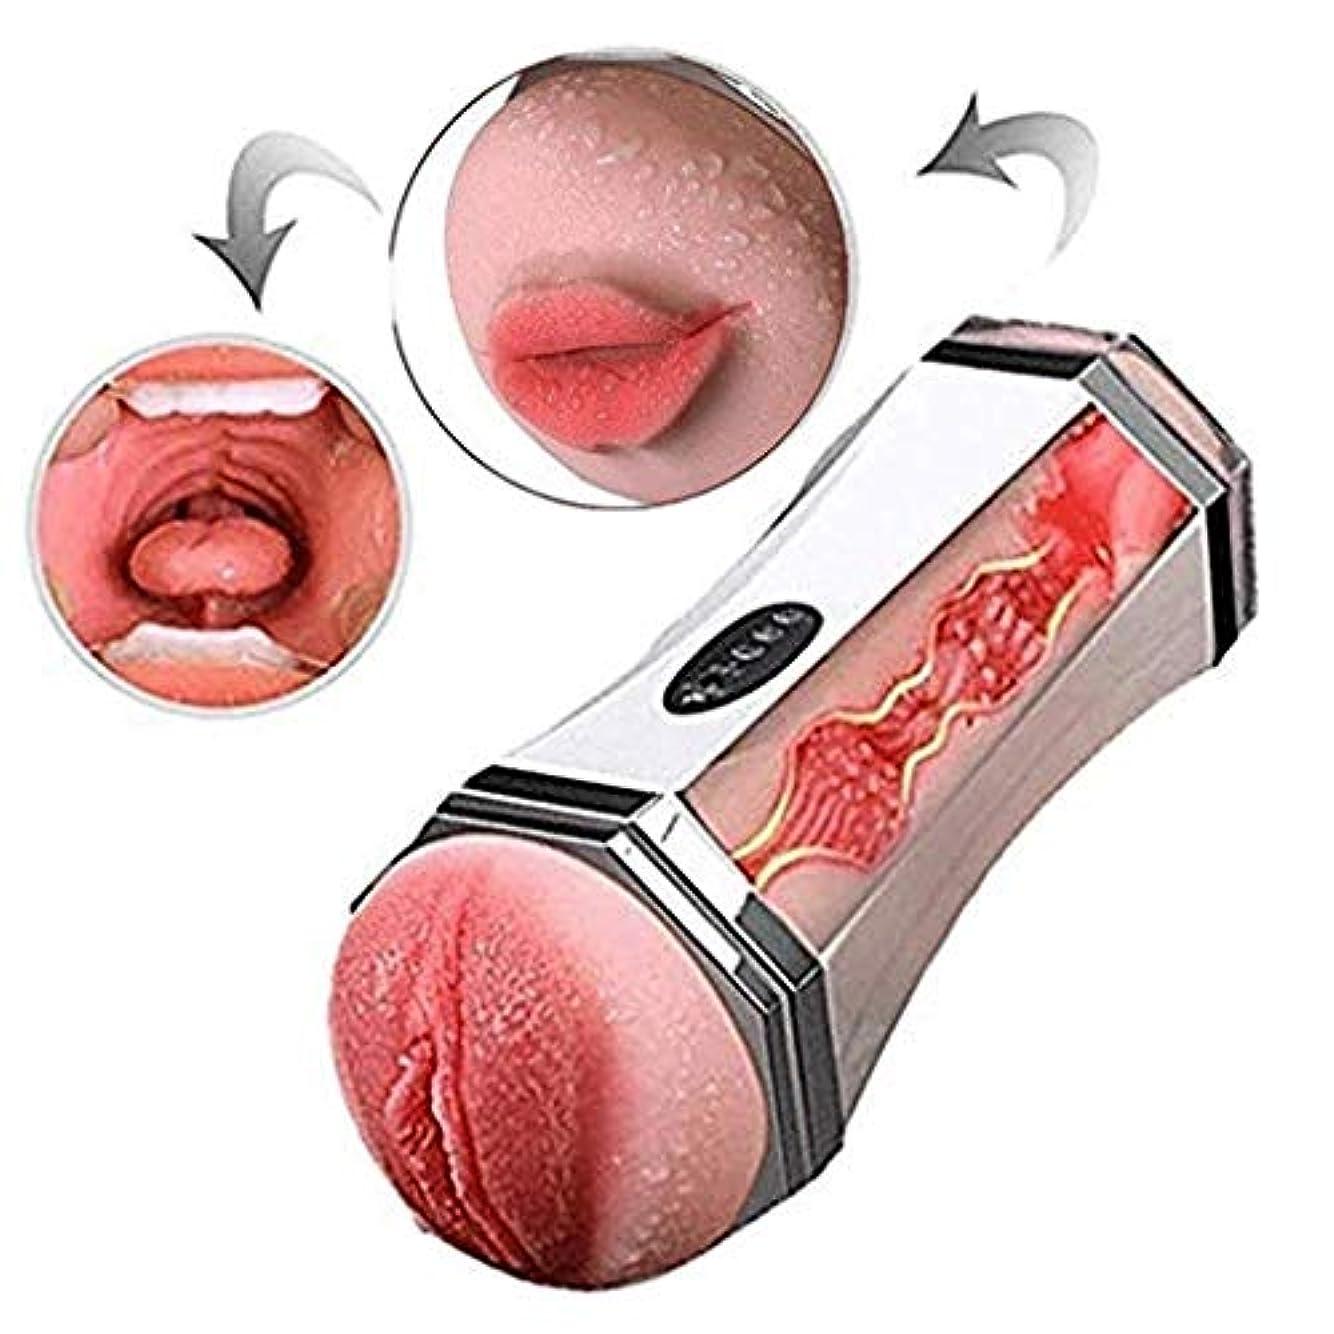 報酬まっすぐ有望OHMMSG USB Rechargable Handheld Body Massage Tools Deep Muscle Massager with Heat and Powerful Vibration防水エアクラフトカップ